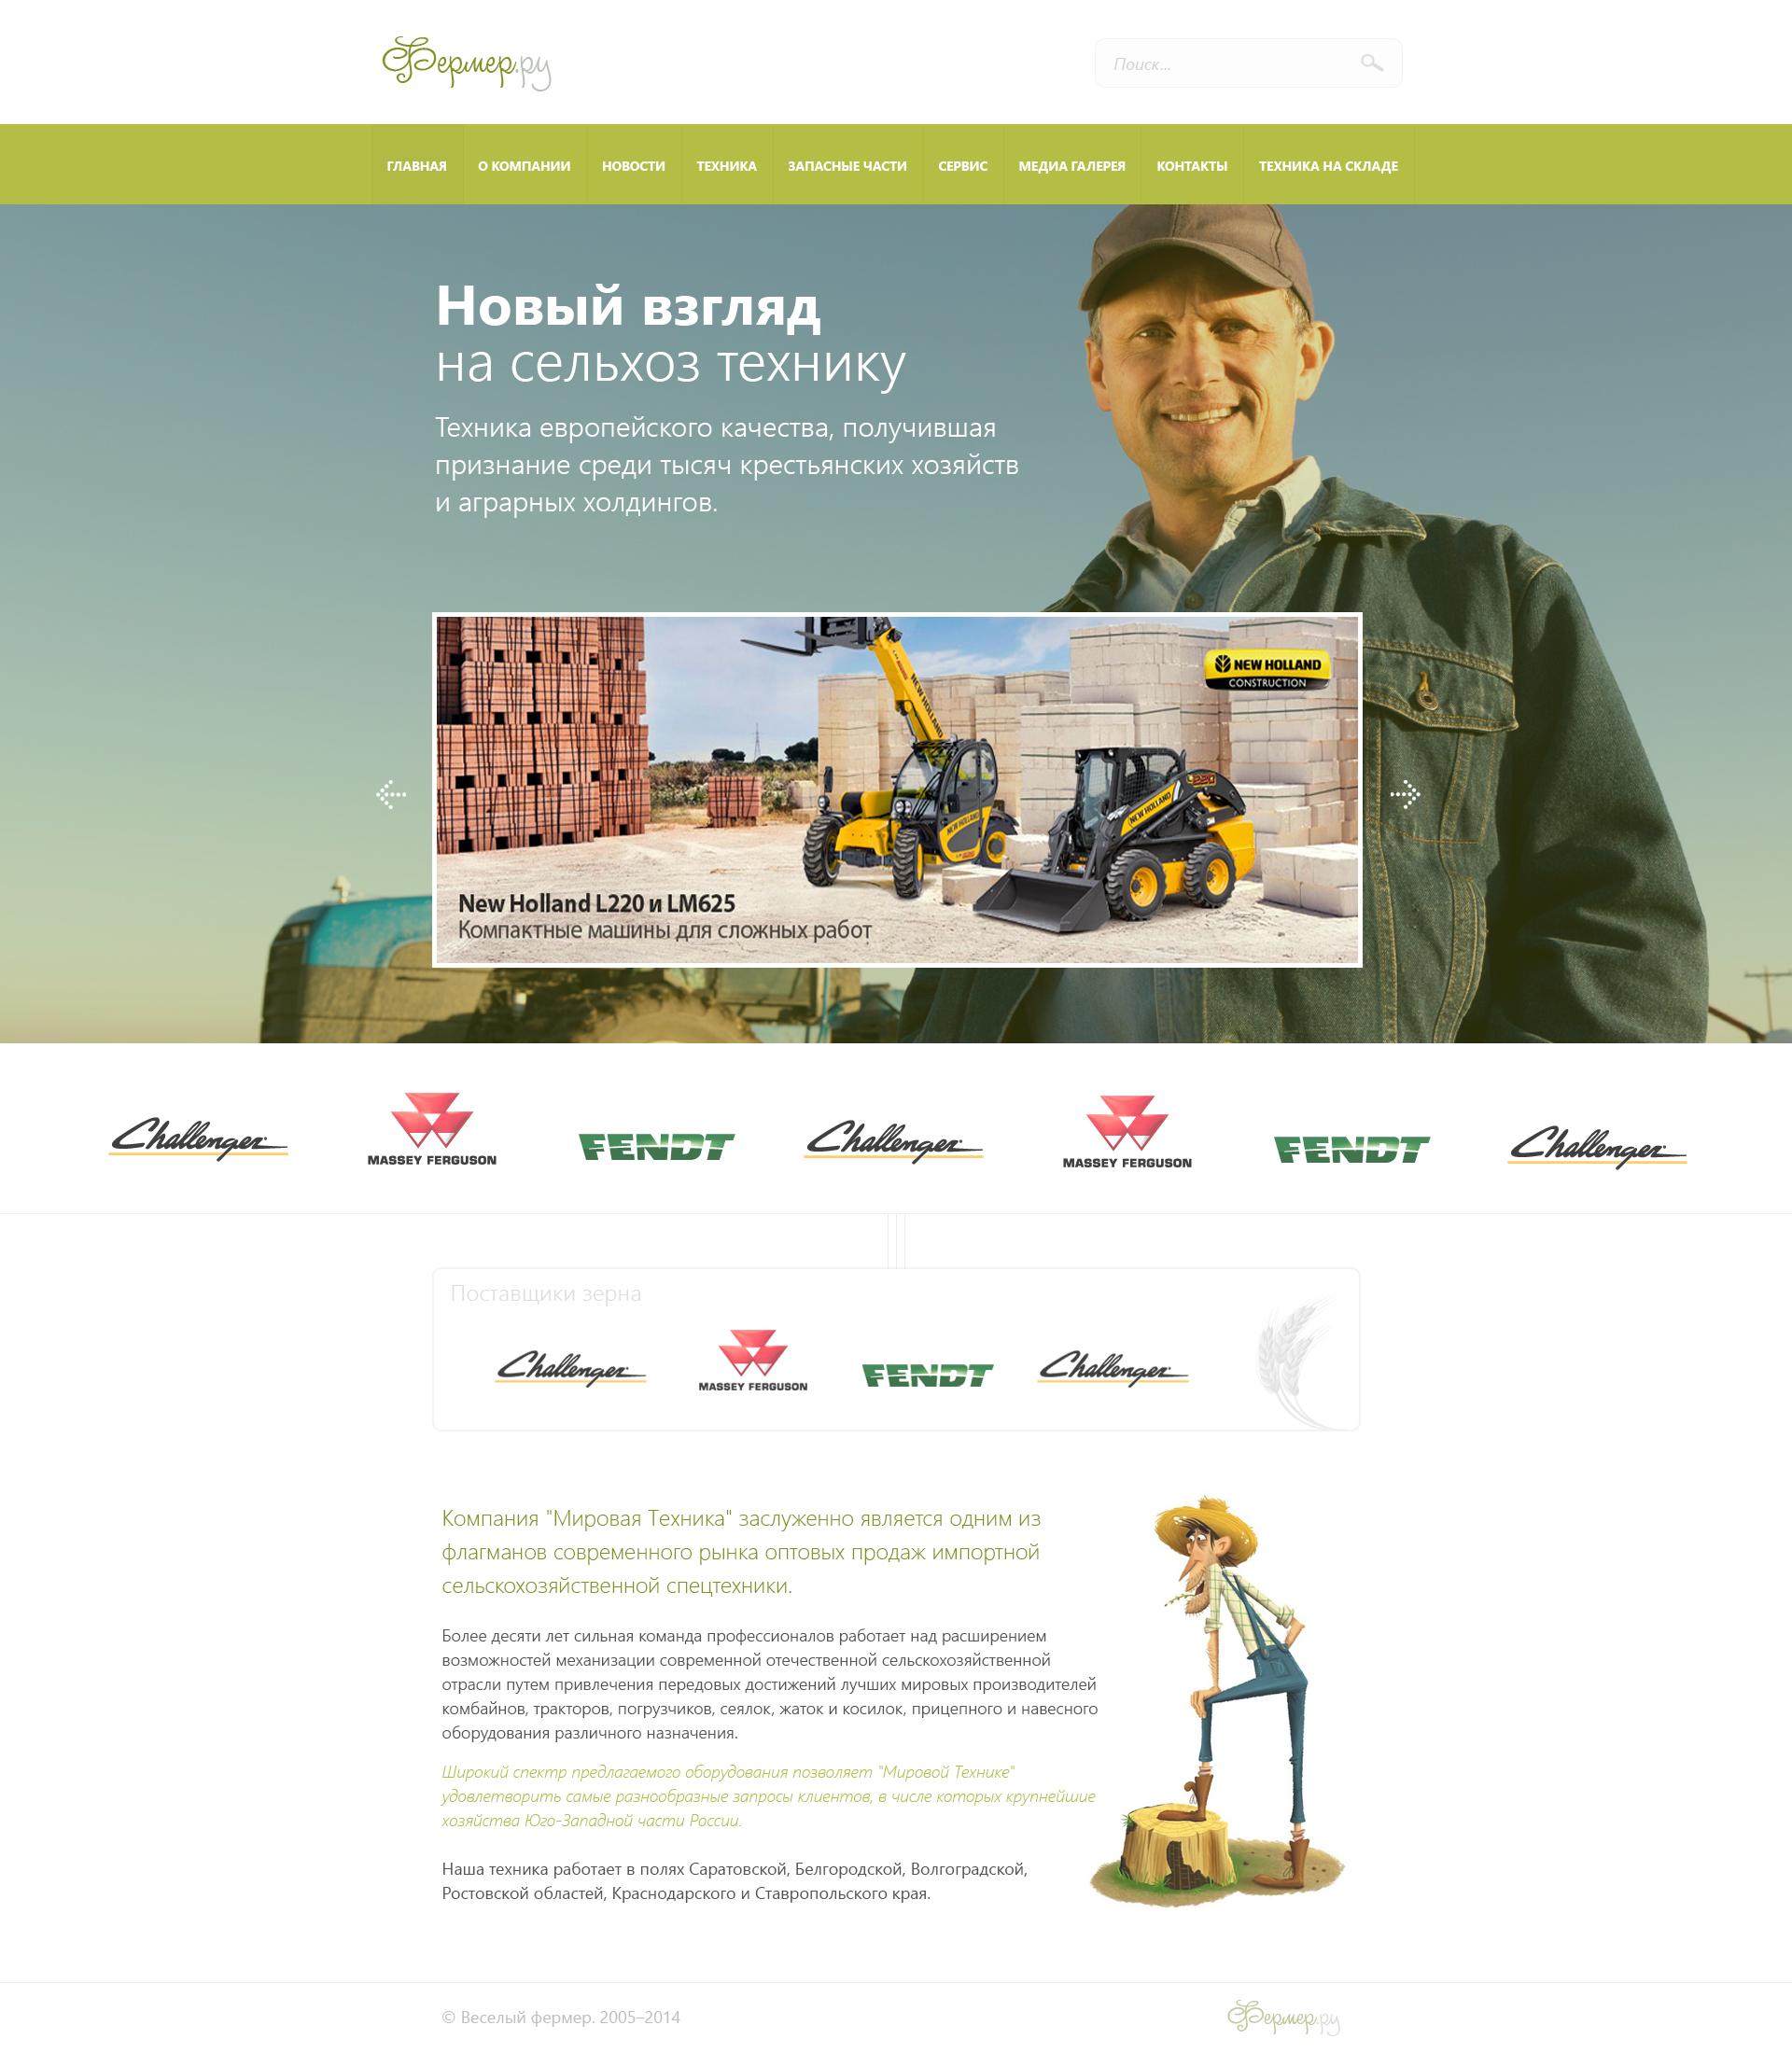 Дизайн сайта сельхоз техники фото f_42753a0412d13ec8.jpg